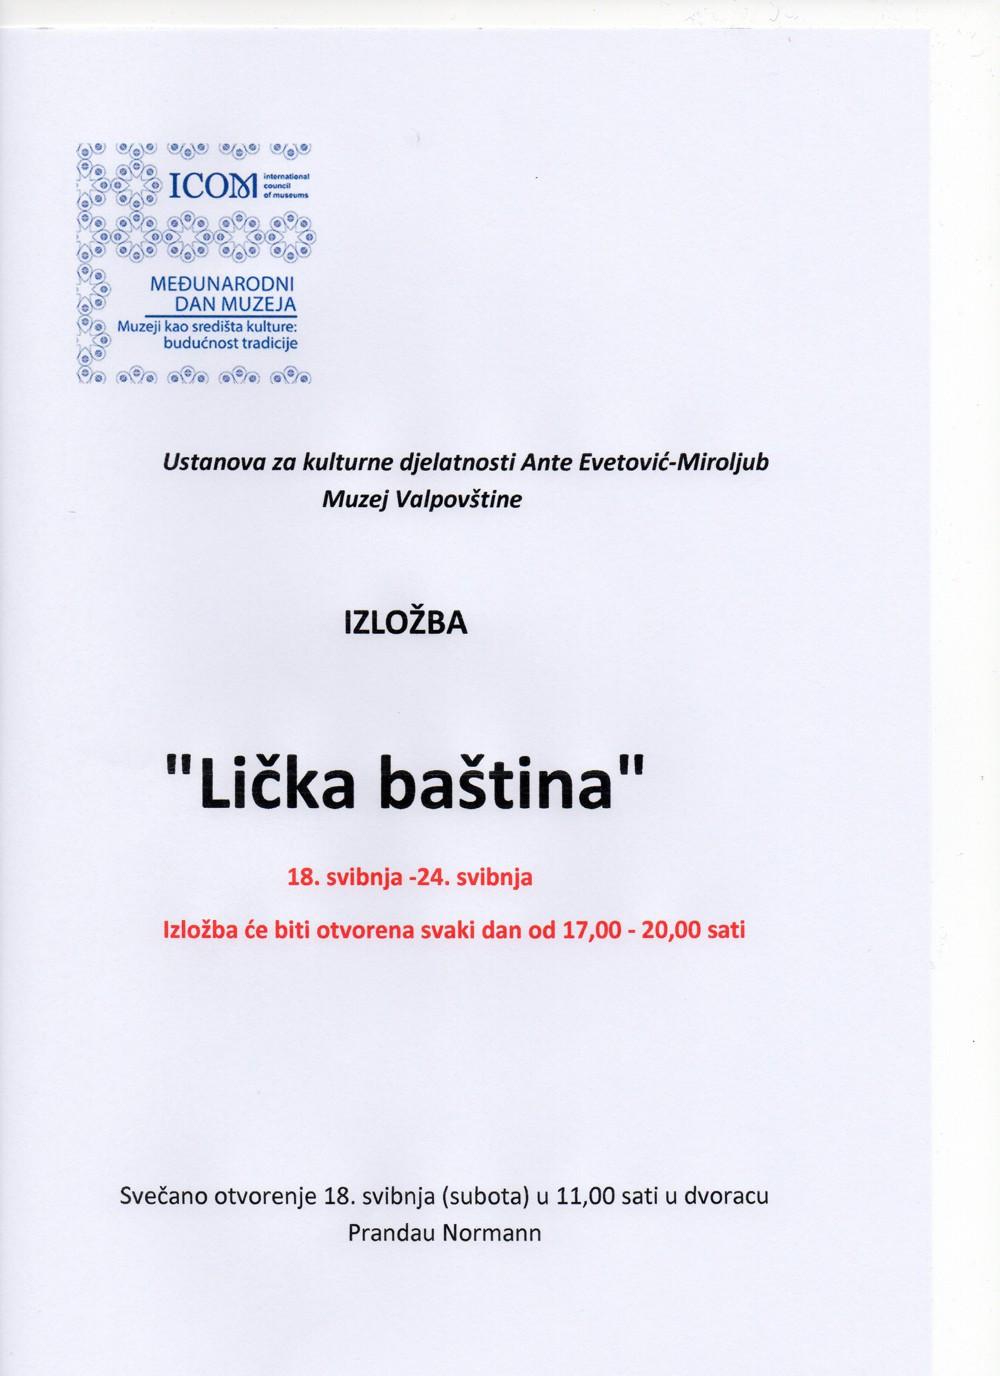 """Izložba """"Lička baština"""" 18. – 24. svibnja 2019. g. – 17:00-20:00 sati u Muzeju Valpovštine"""